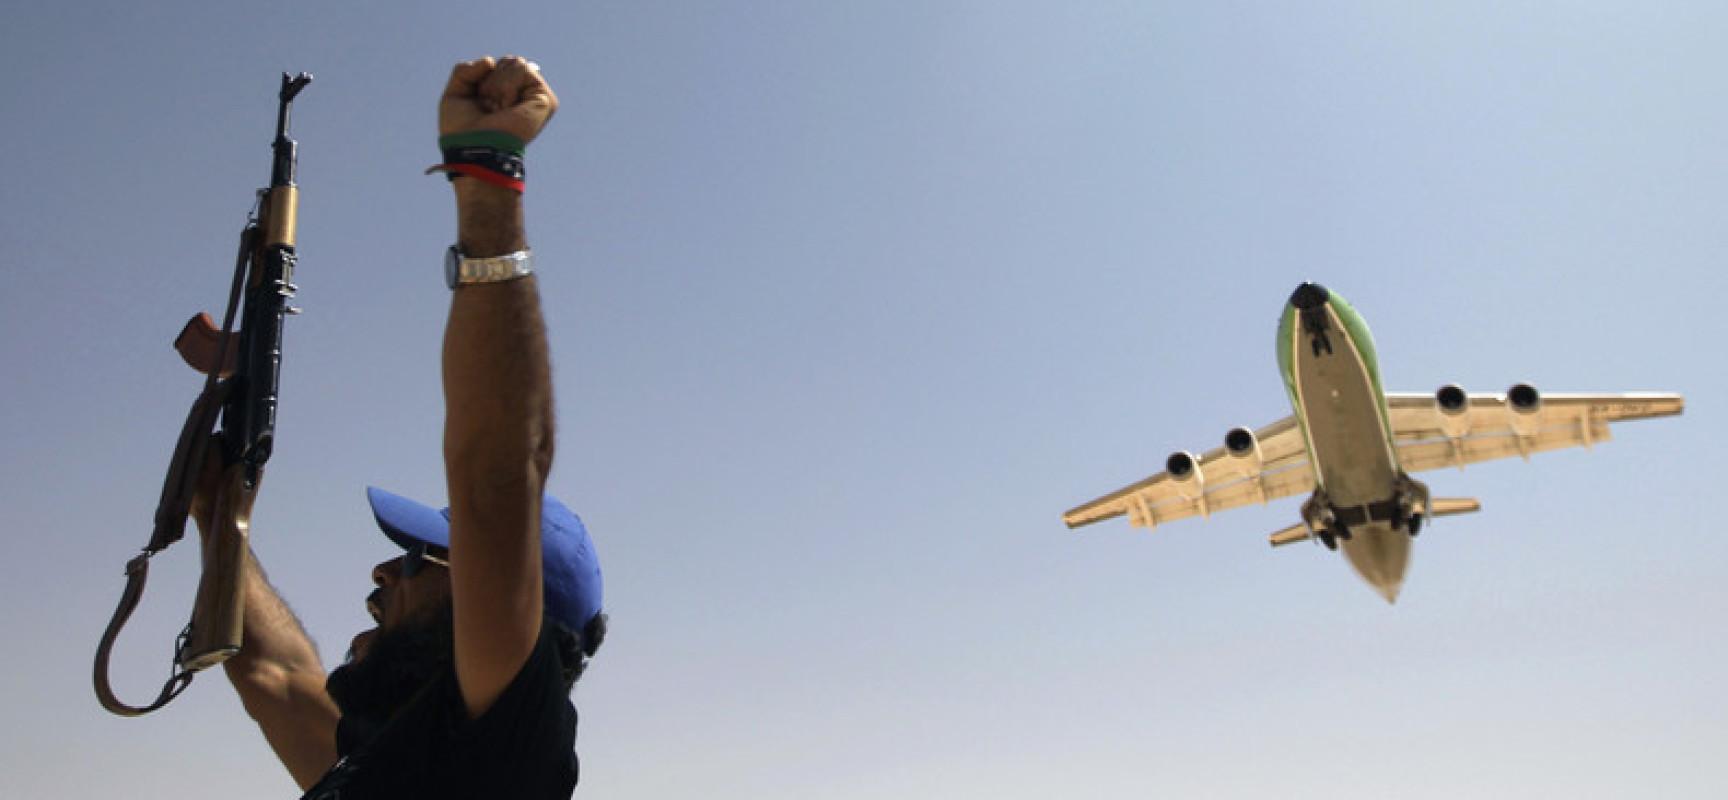 La Grèce ferme son espace aérien aux avions libyens: l'opération de l'OTAN est-elle imminente ?